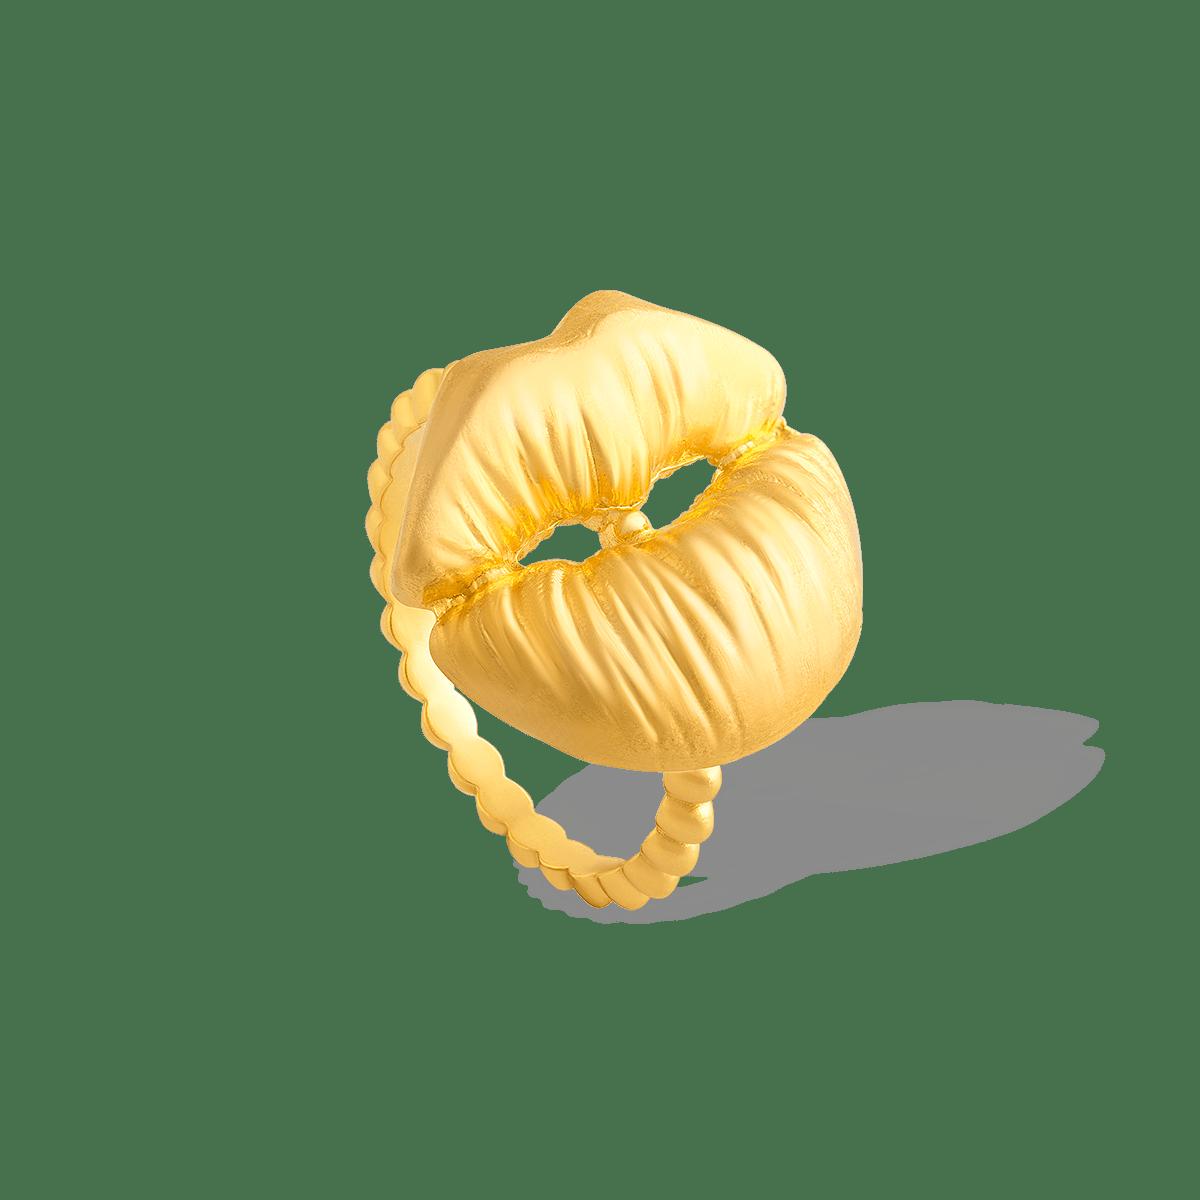 انگشتر طلا لب